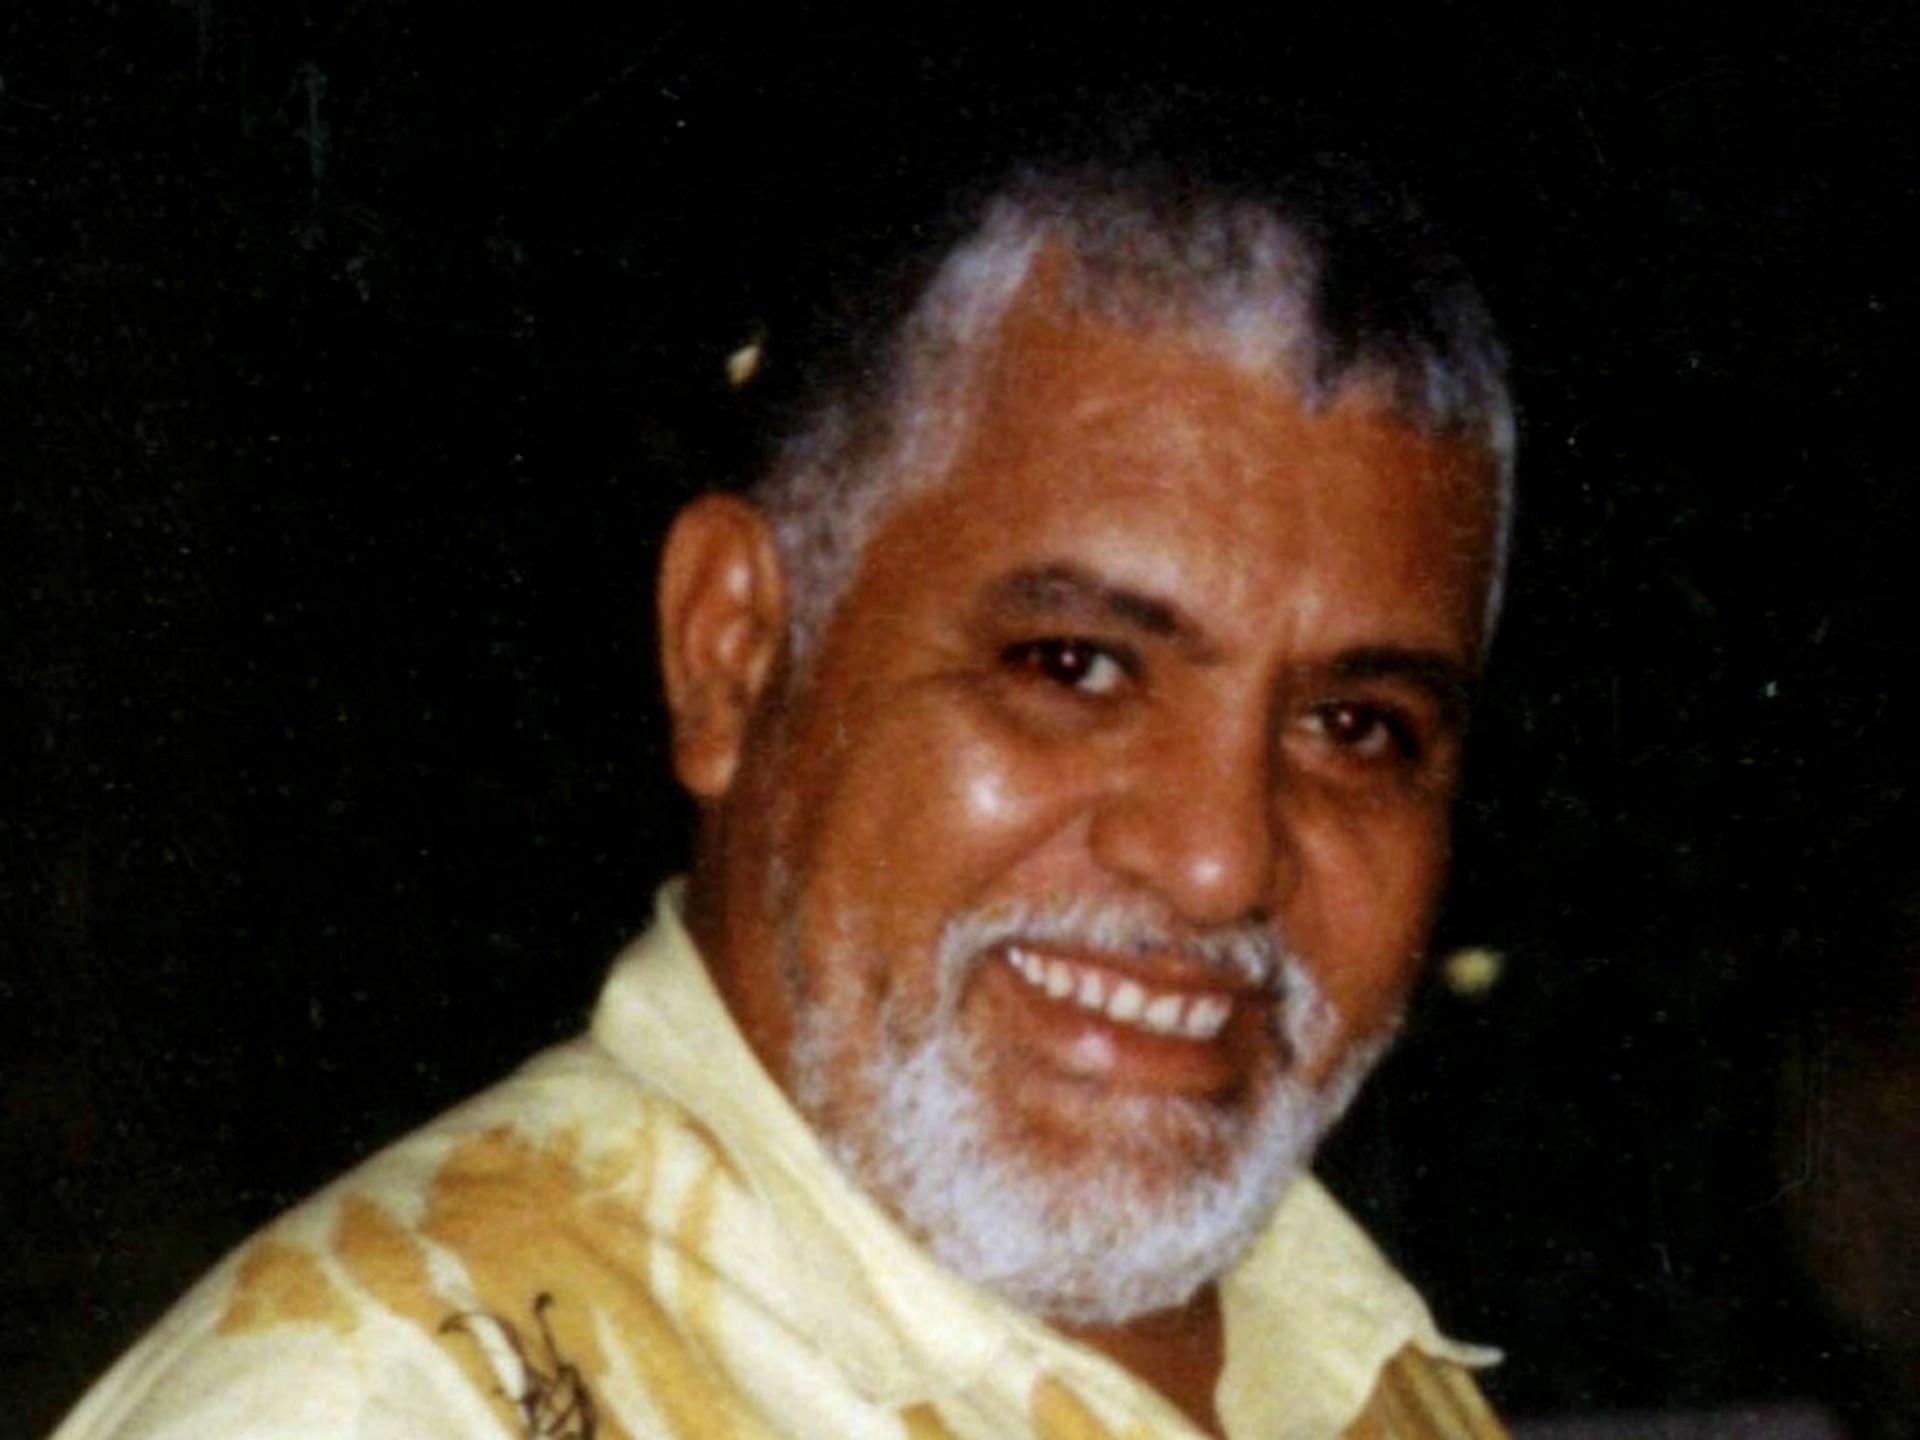 Grupo quer examinar ossada e inocentar Elias Maluco, condenado pela morte  de Tim Lopes